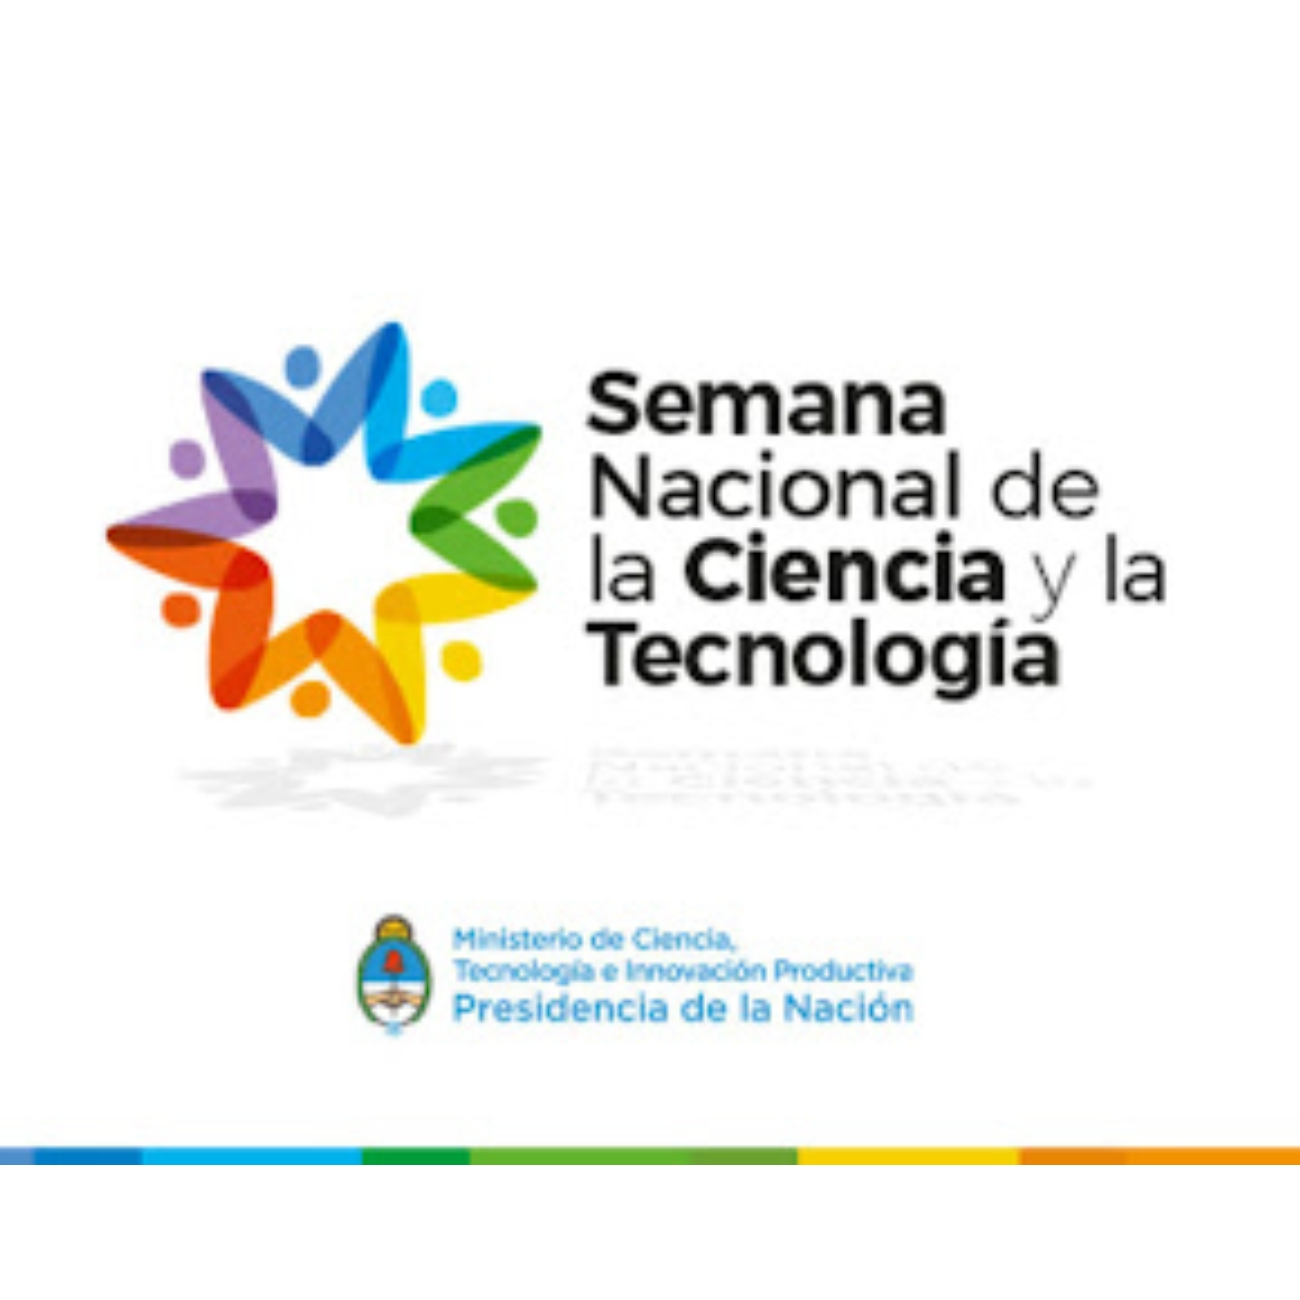 Semana Nacional de la Ciencia y la Tecnología 2021